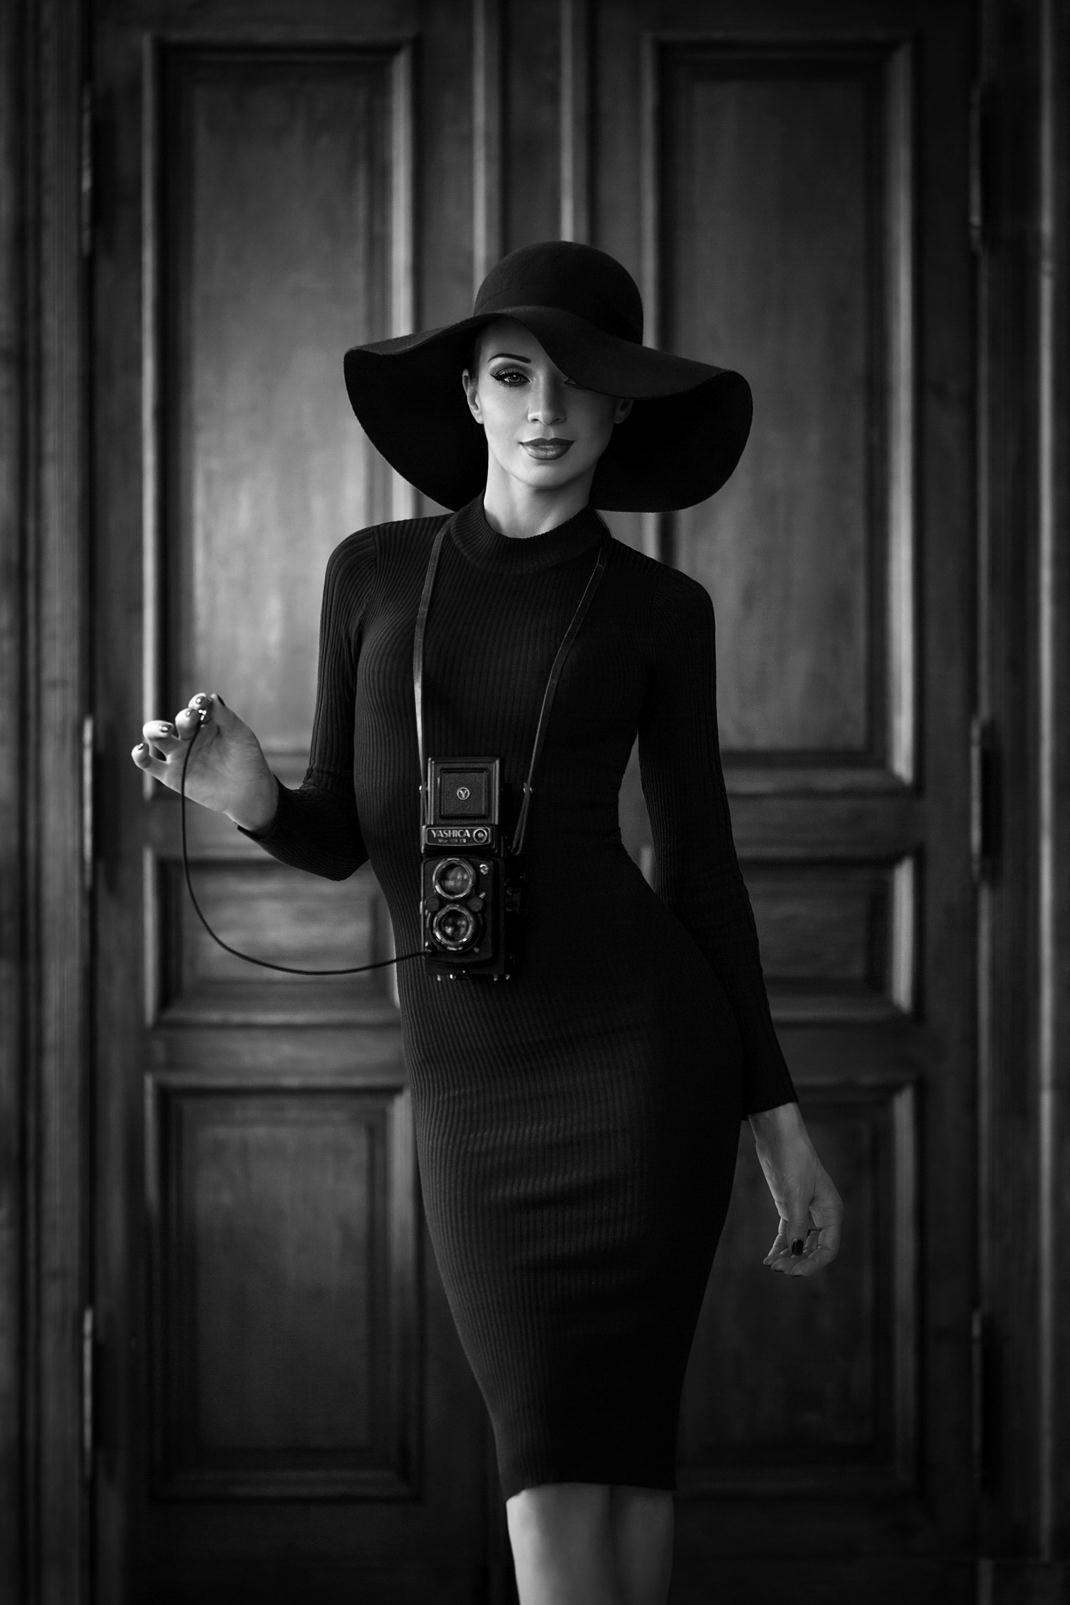 Two Beauties - Angélique & Yashica MAT 124 G - Markus Hertzsch - Camera - Girl - Hat